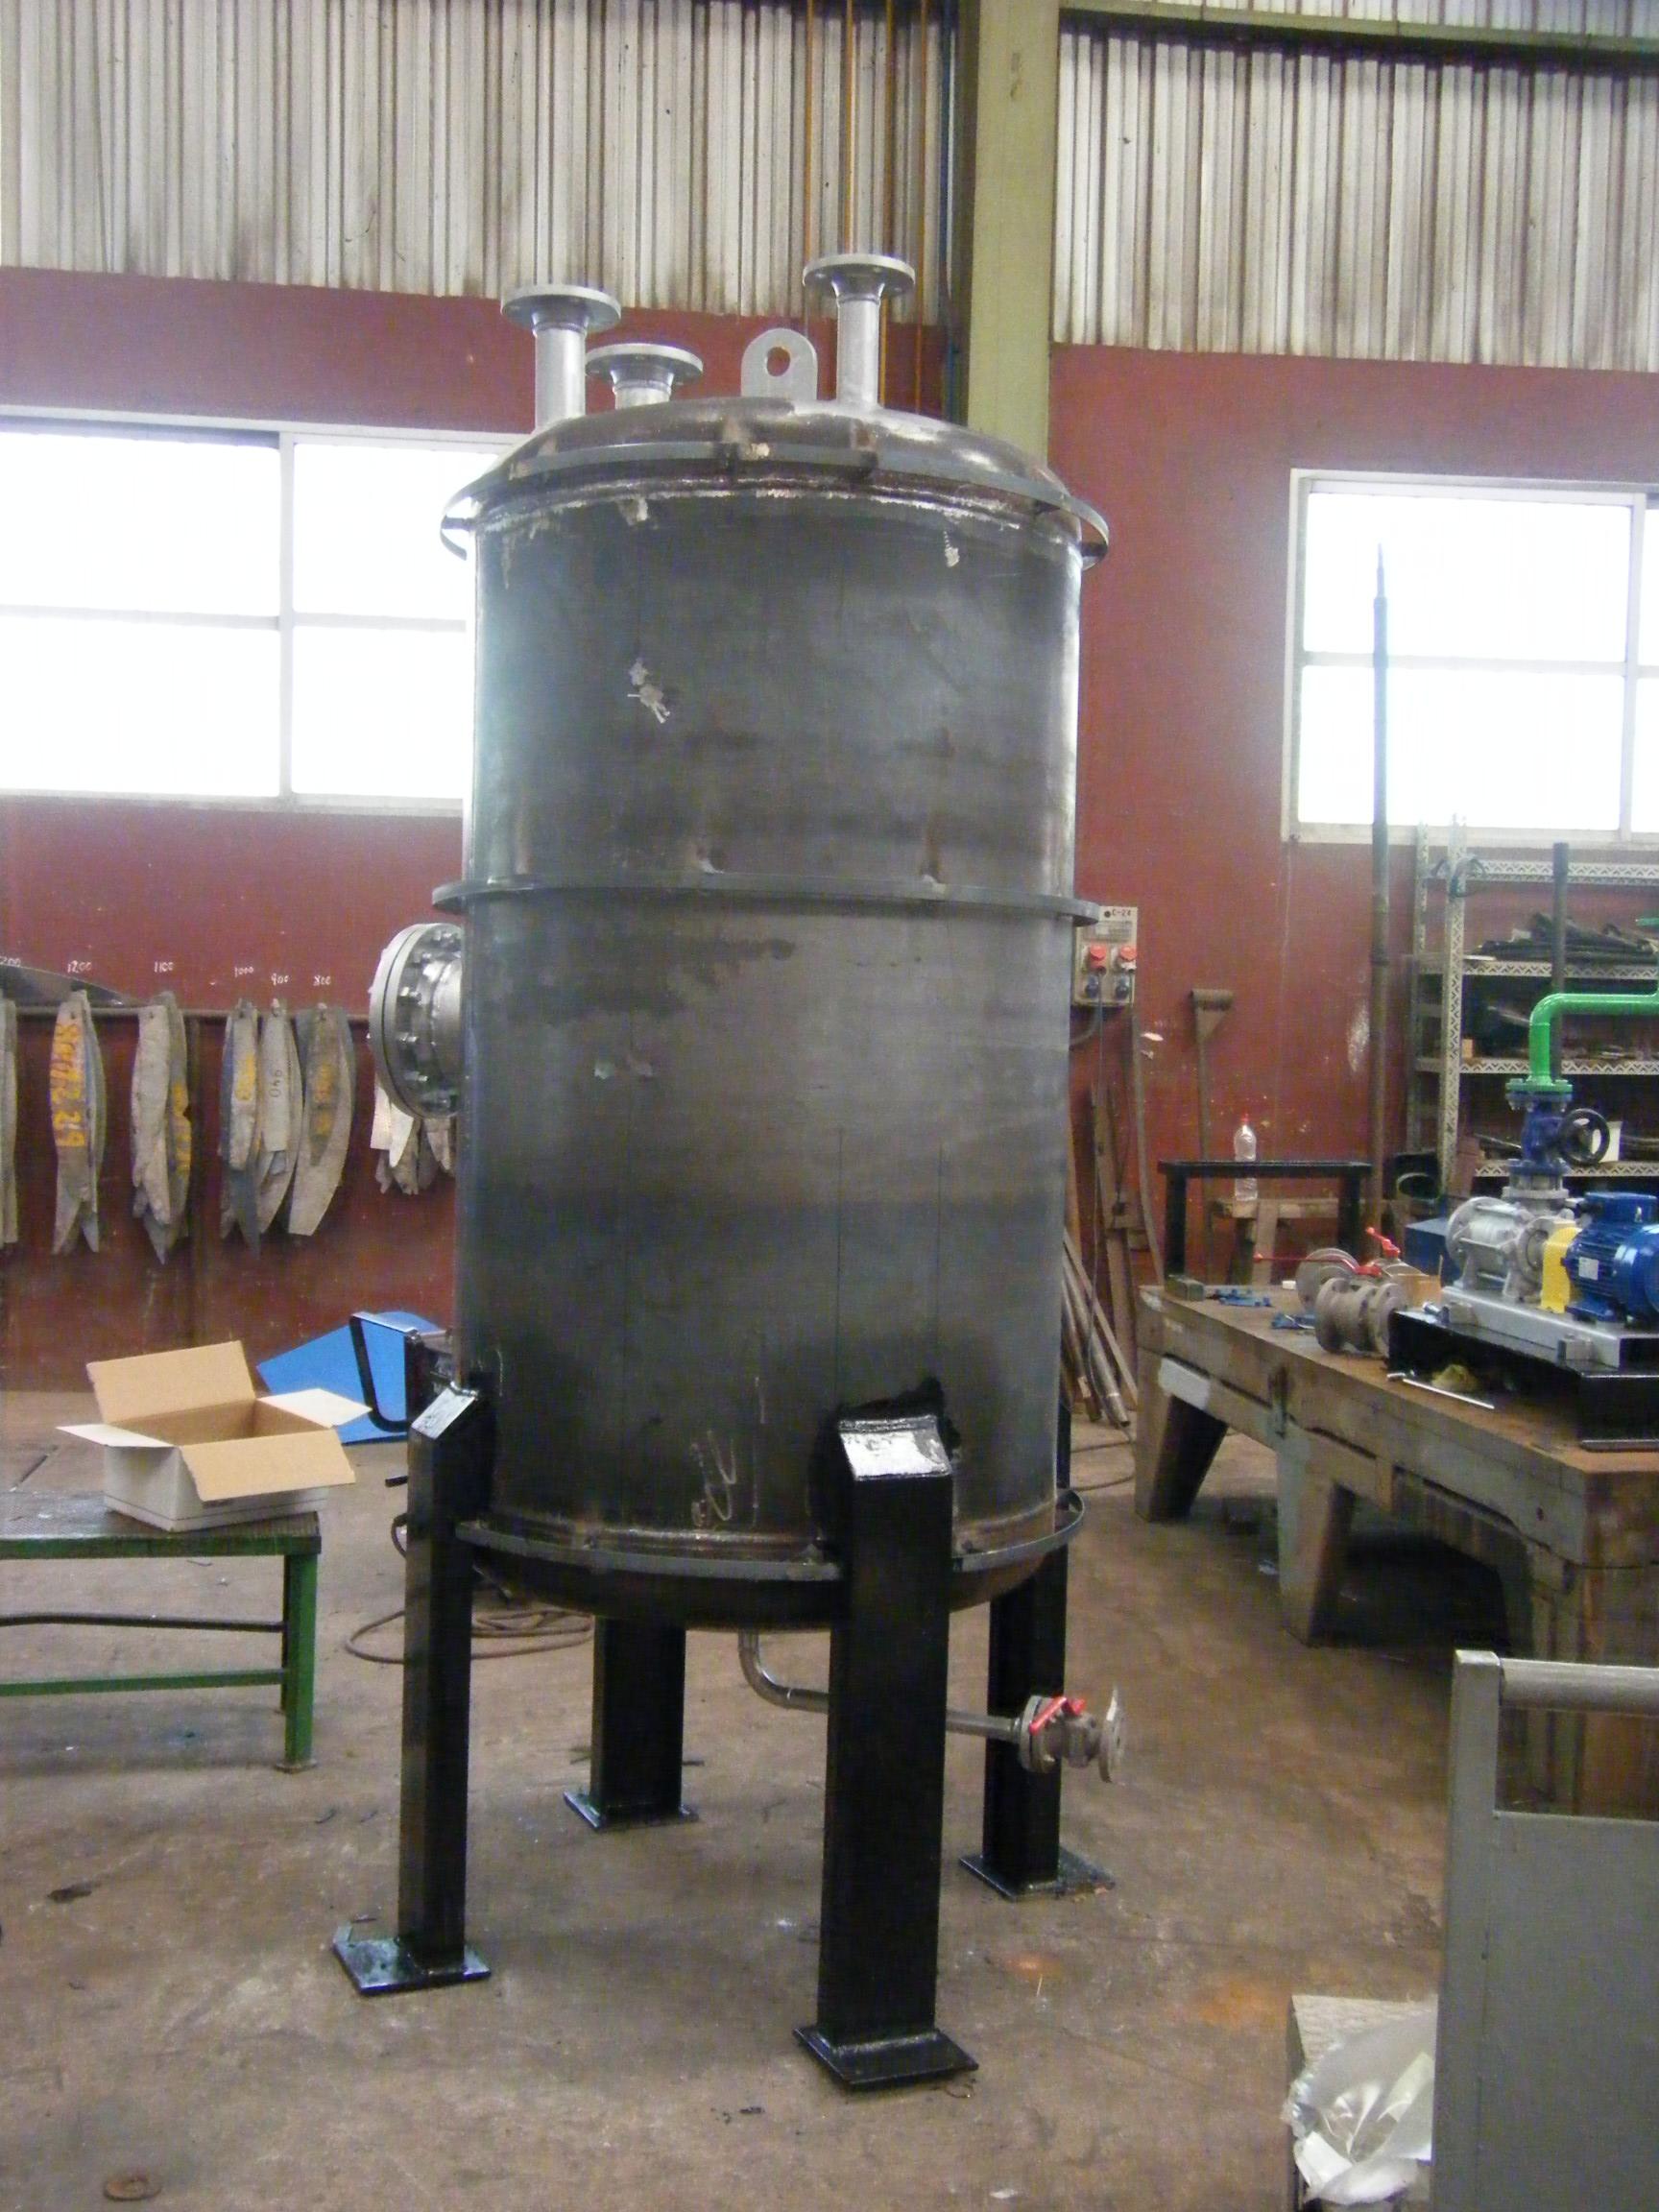 Deposito de purgas calderas de vapor Calderería López Hermanos, S.A. Valencia